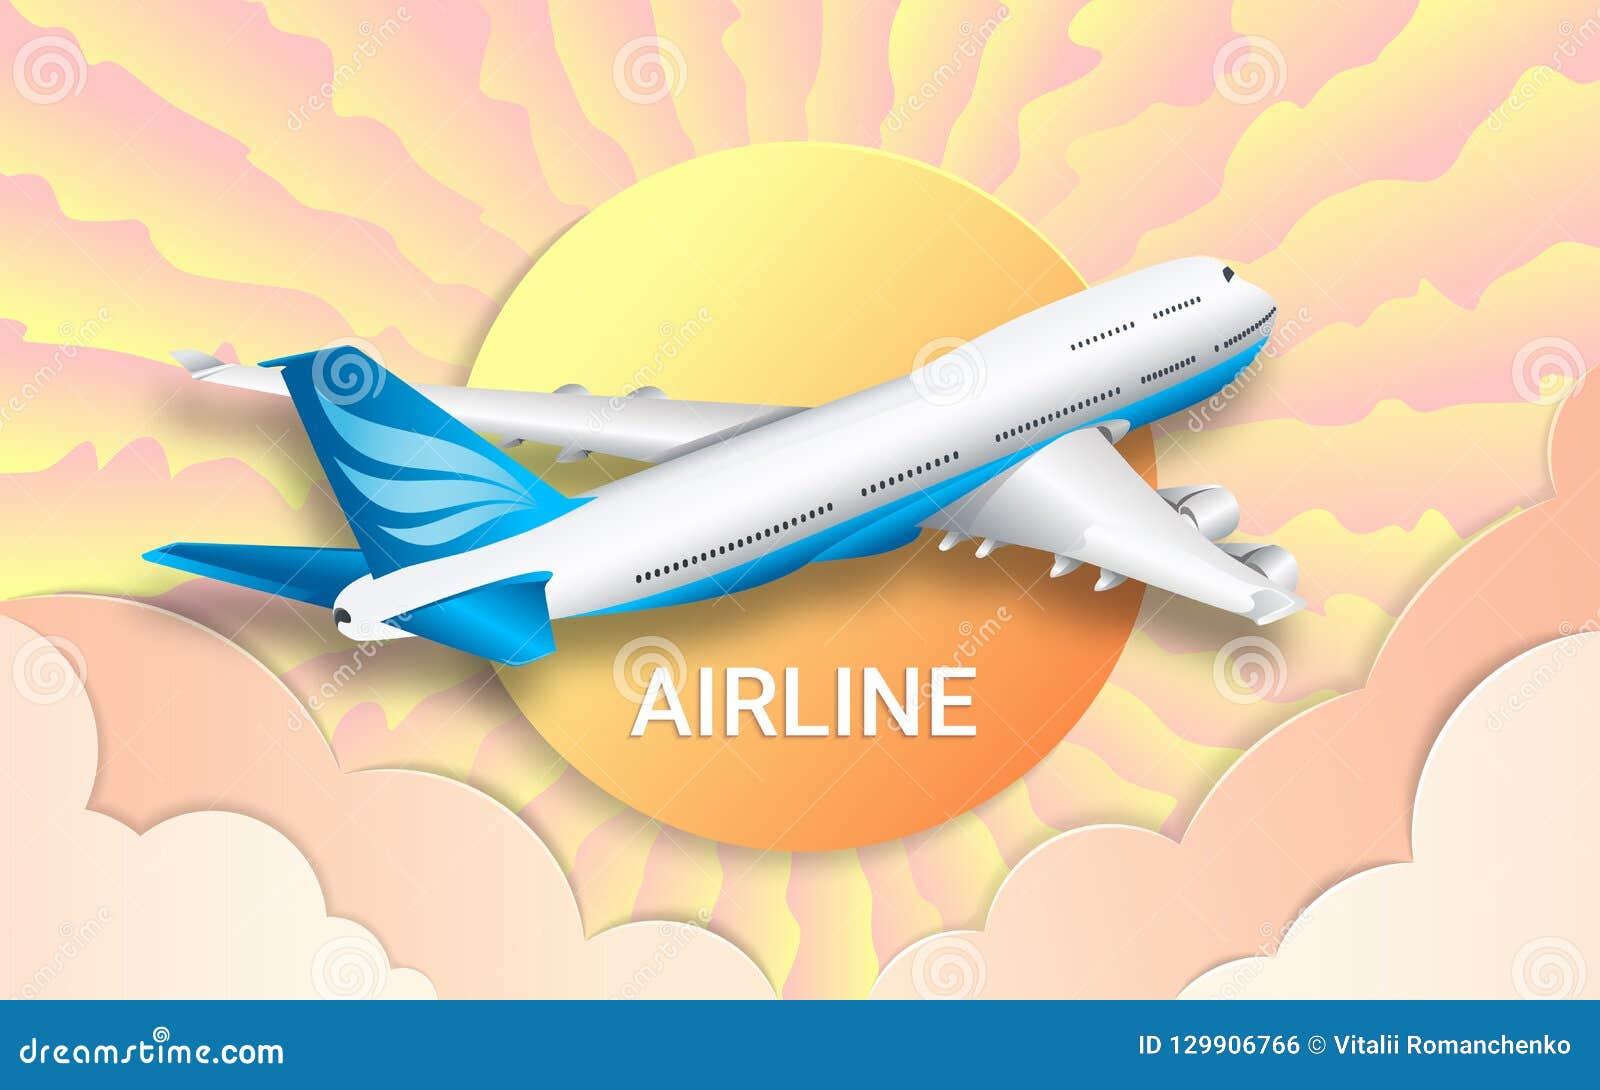 Der Flug eines Fahrgastschiffs fluglinien Reise Bunter Himmel, heller Sonnenschein und rosa Wolken Der Effekt des geschnittenen P